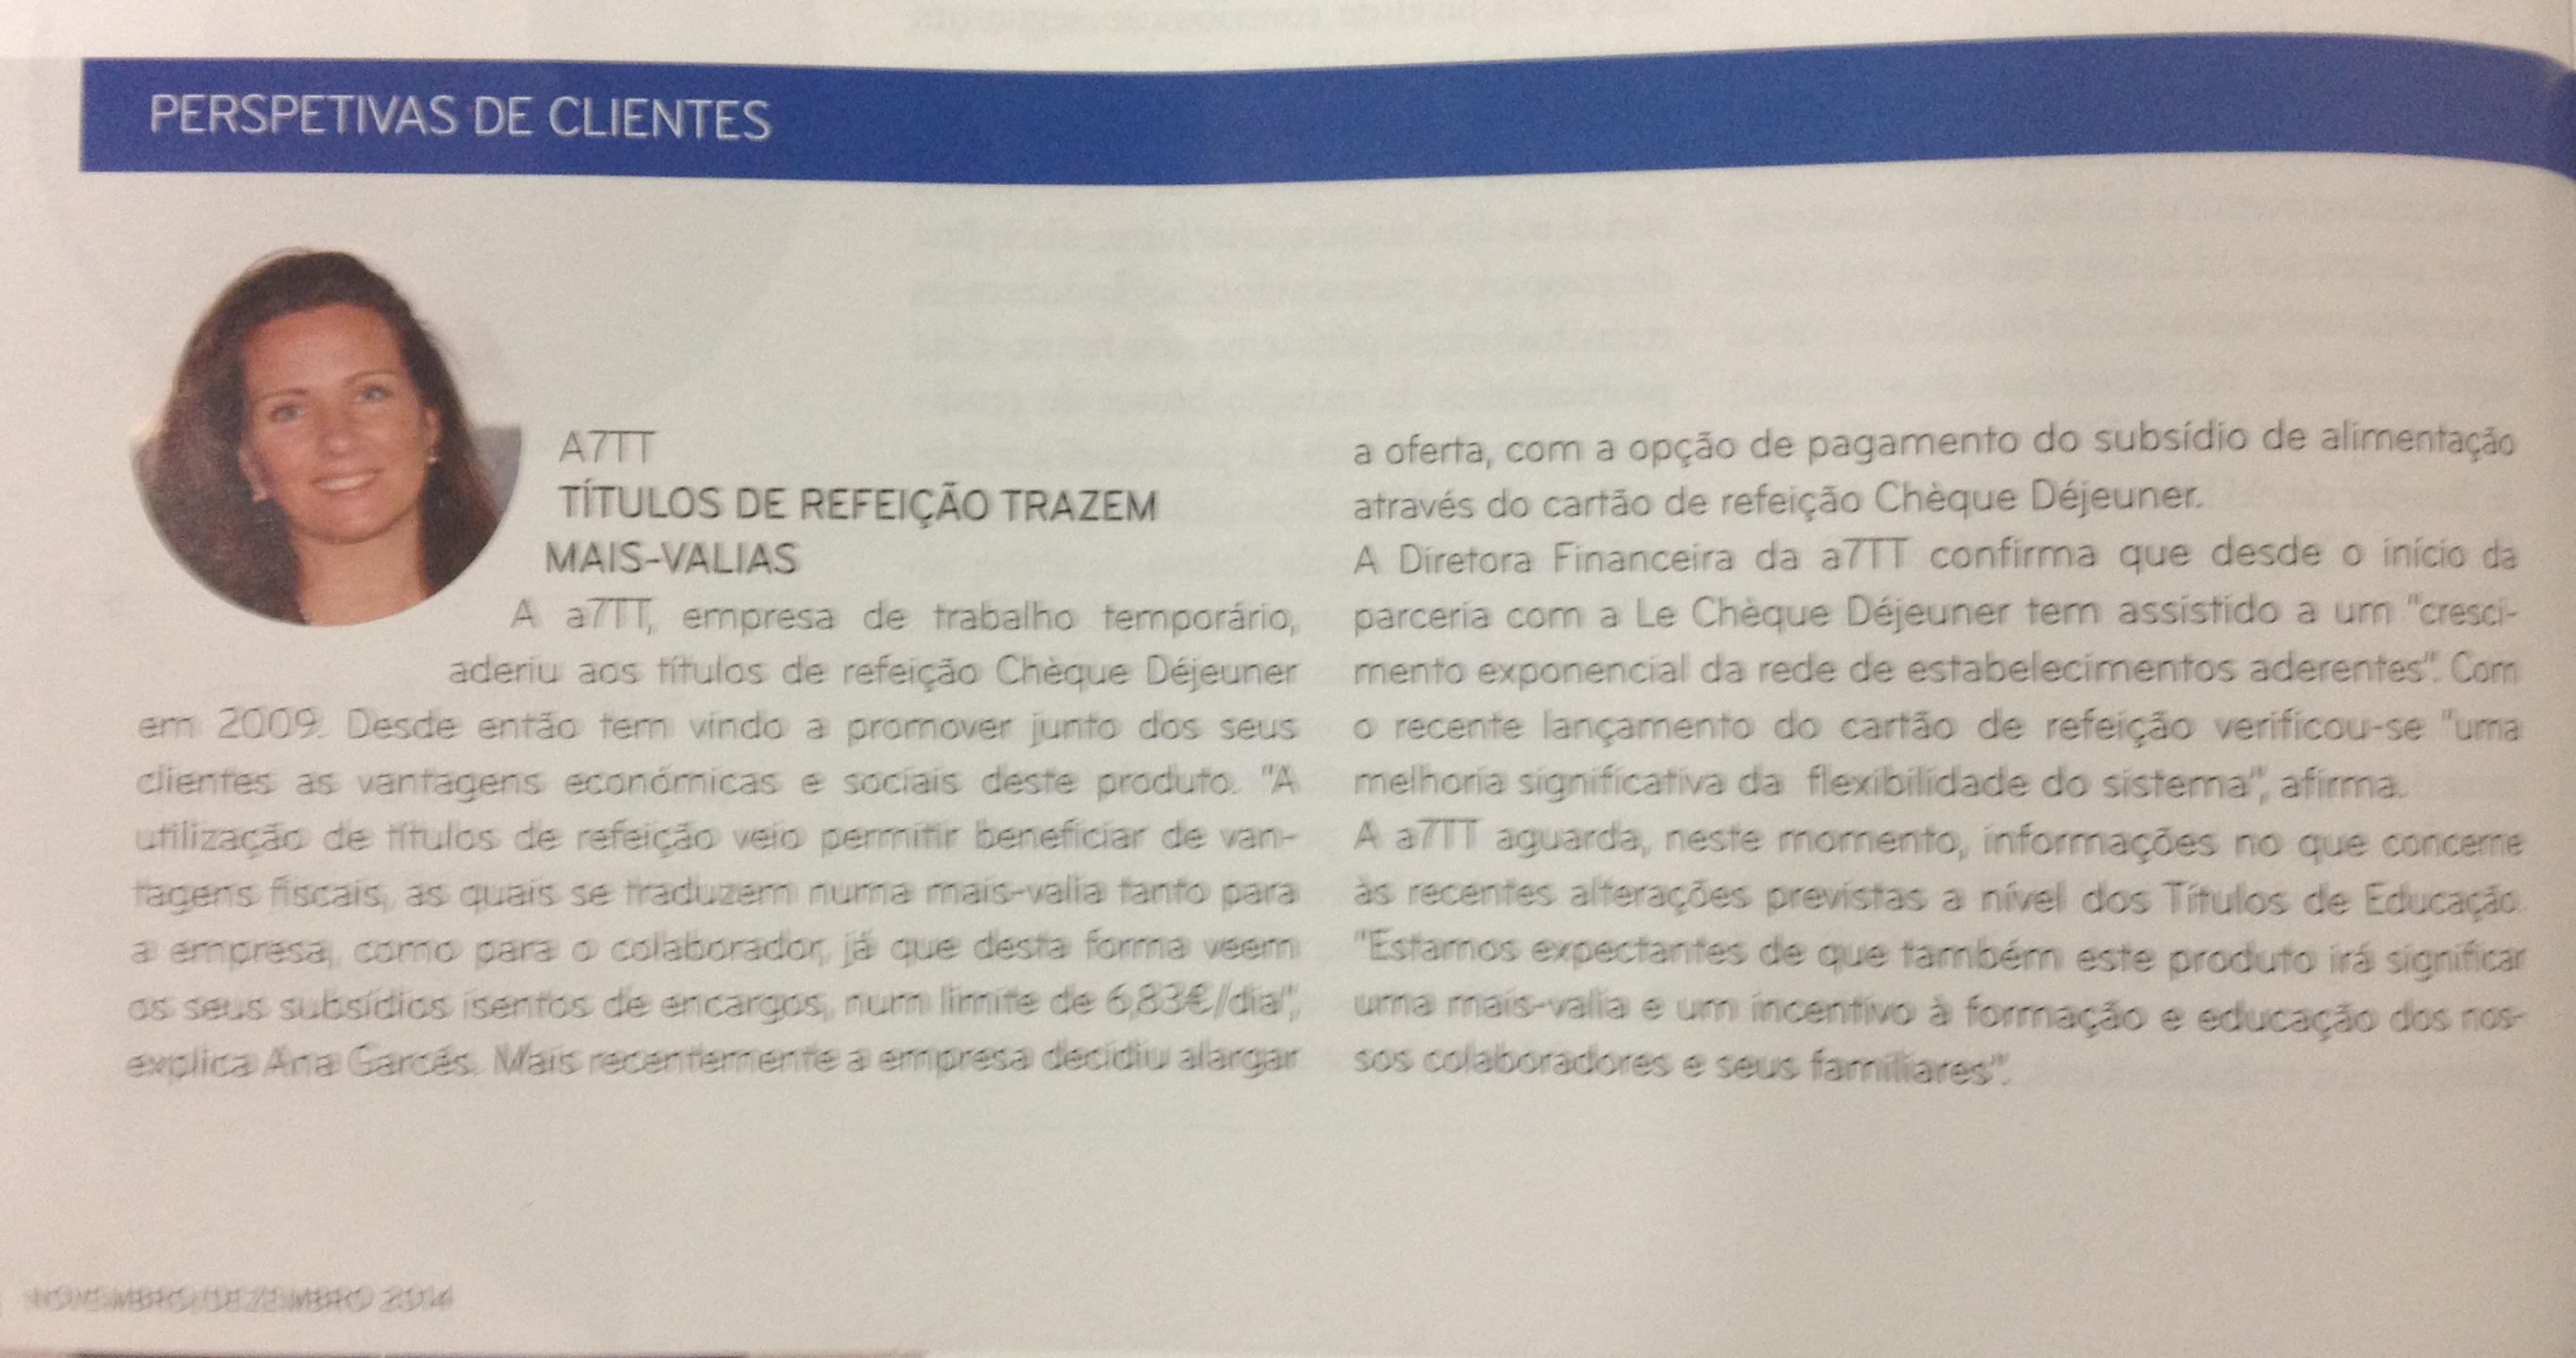 Entrevista dada pela Drª Ana Garcês